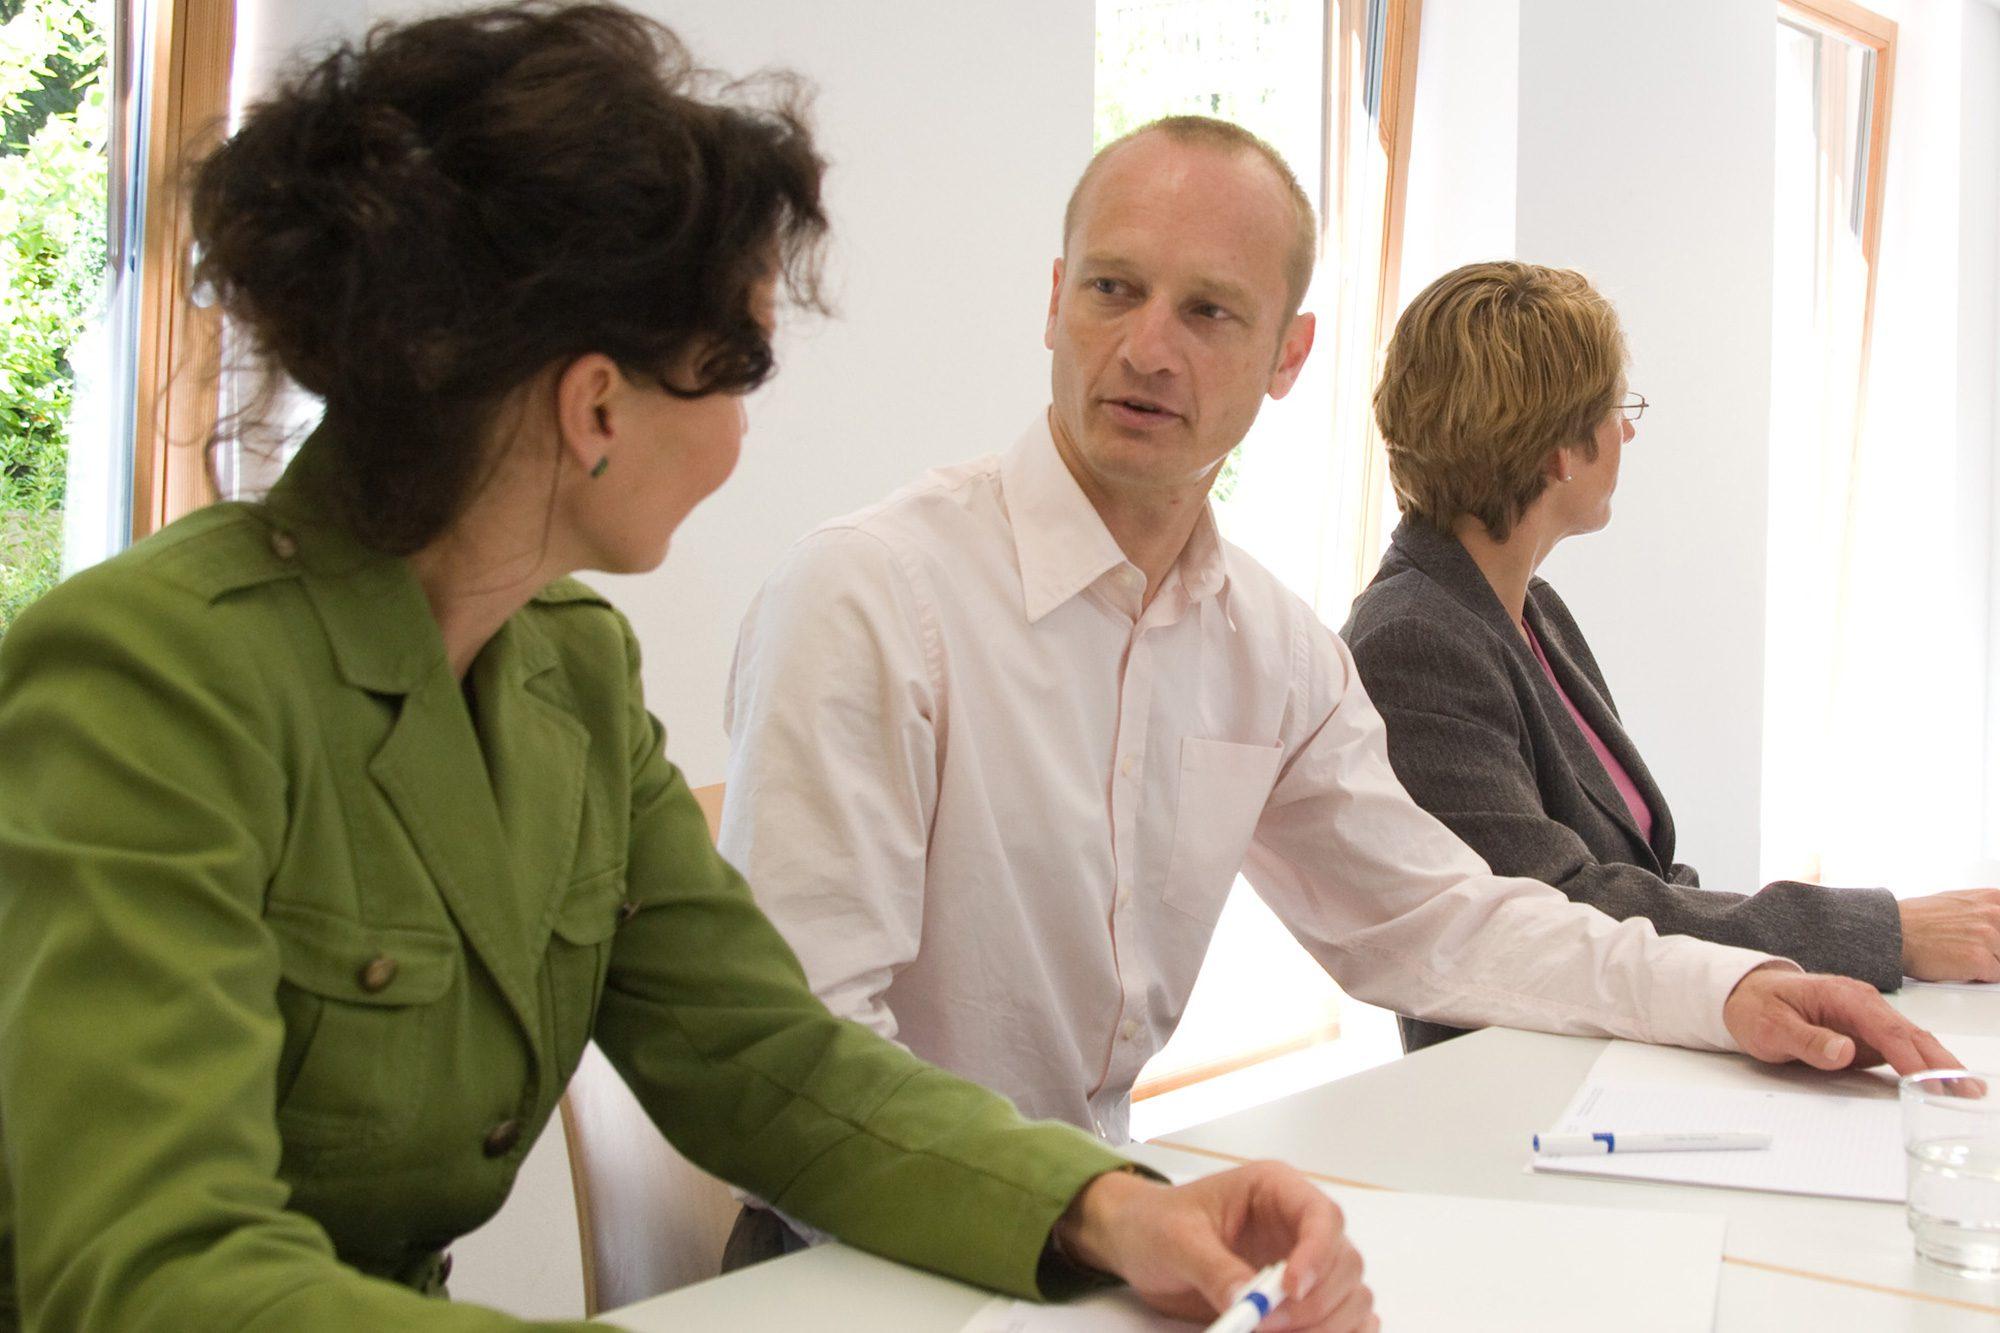 Eine Frau und ein Mann unterhalten sich am Tisch sitzend und eine andere Frau sieht in eine andere Richtung